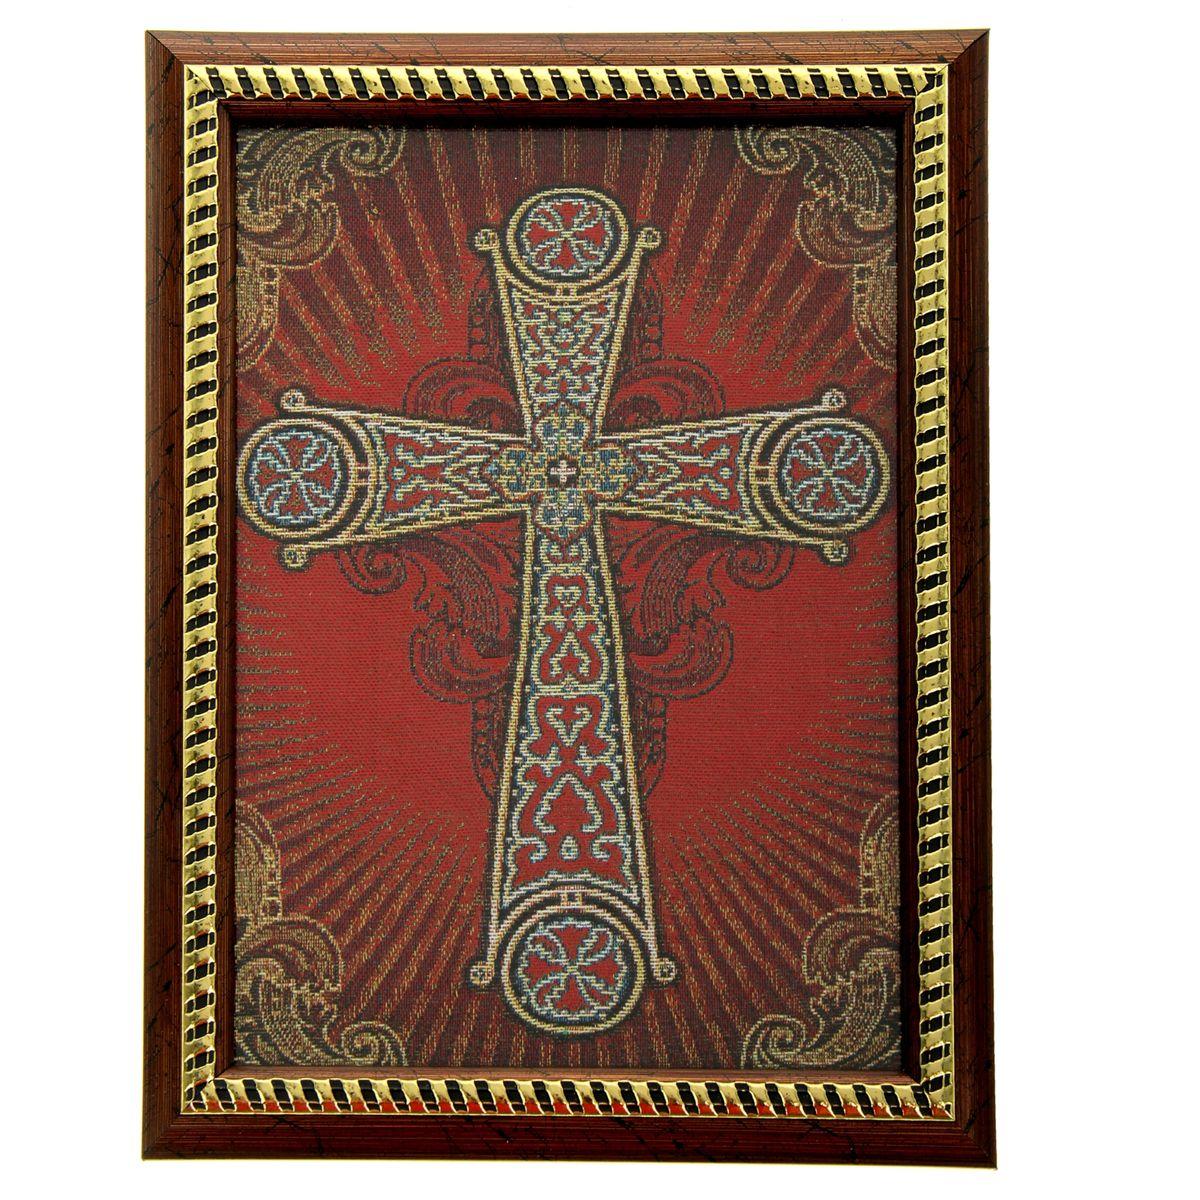 Икона в рамке Корсунский крест, 21 см х 27,5 см188552Икона Корсунский крест представляет собой святое изображение, вытканное на ткани и вставленное в деревянную рамку со стеклом. На обратной стороне иконы есть подставка, поэтому удобно располагать такую икону на столе. Икона полностью соответствует канонам Русской Православной Церкви. Икона выглядит по-настоящему богатой. Такая икона будет прекрасным подарком с духовной составляющей.